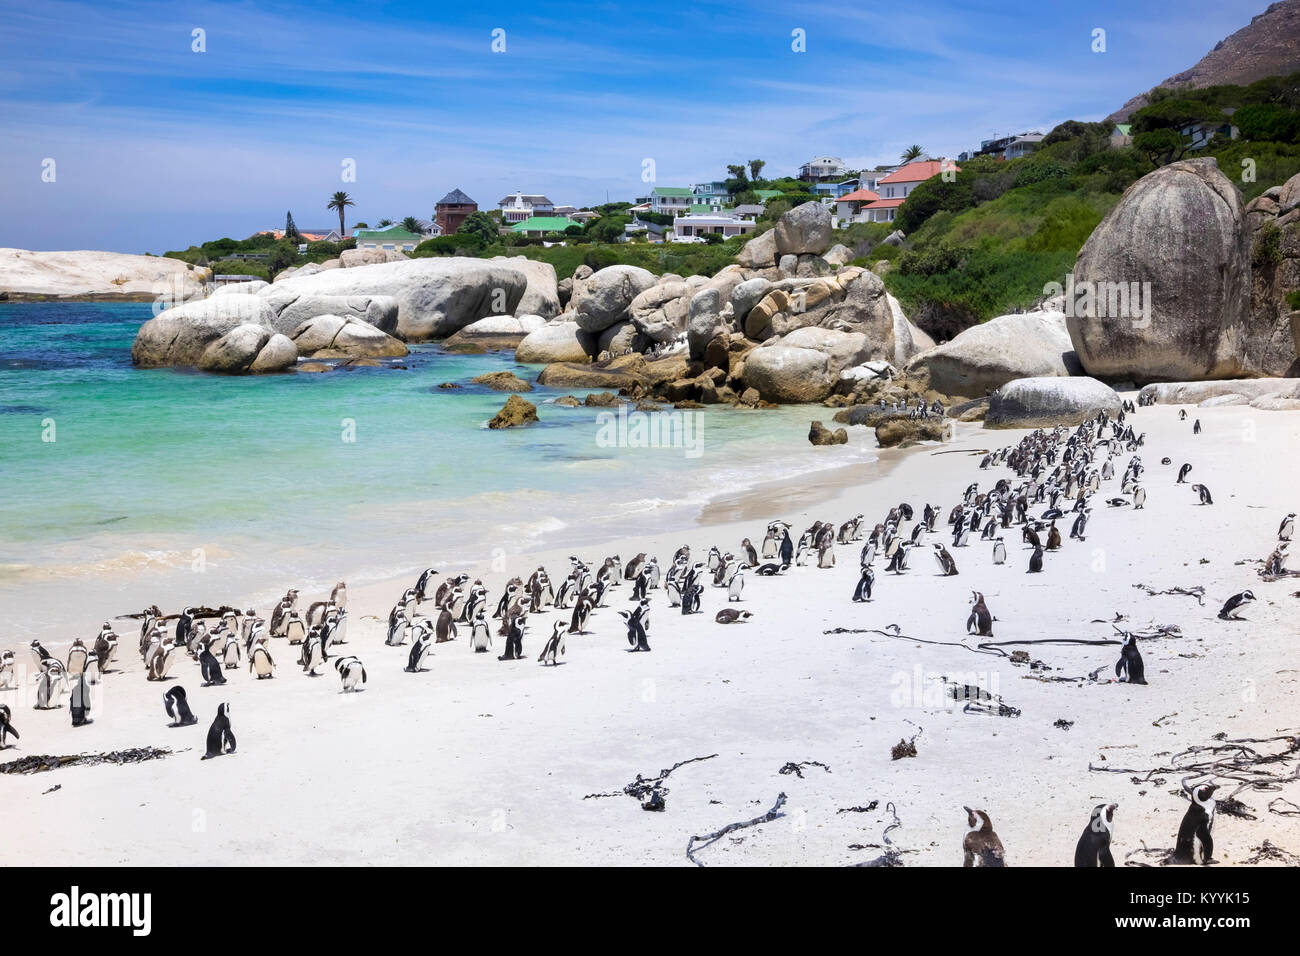 Massi Bay colonia di pinguini di African Jackass pinguini a Boulders Beach, Provincia del Capo, in Sud Africa Immagini Stock